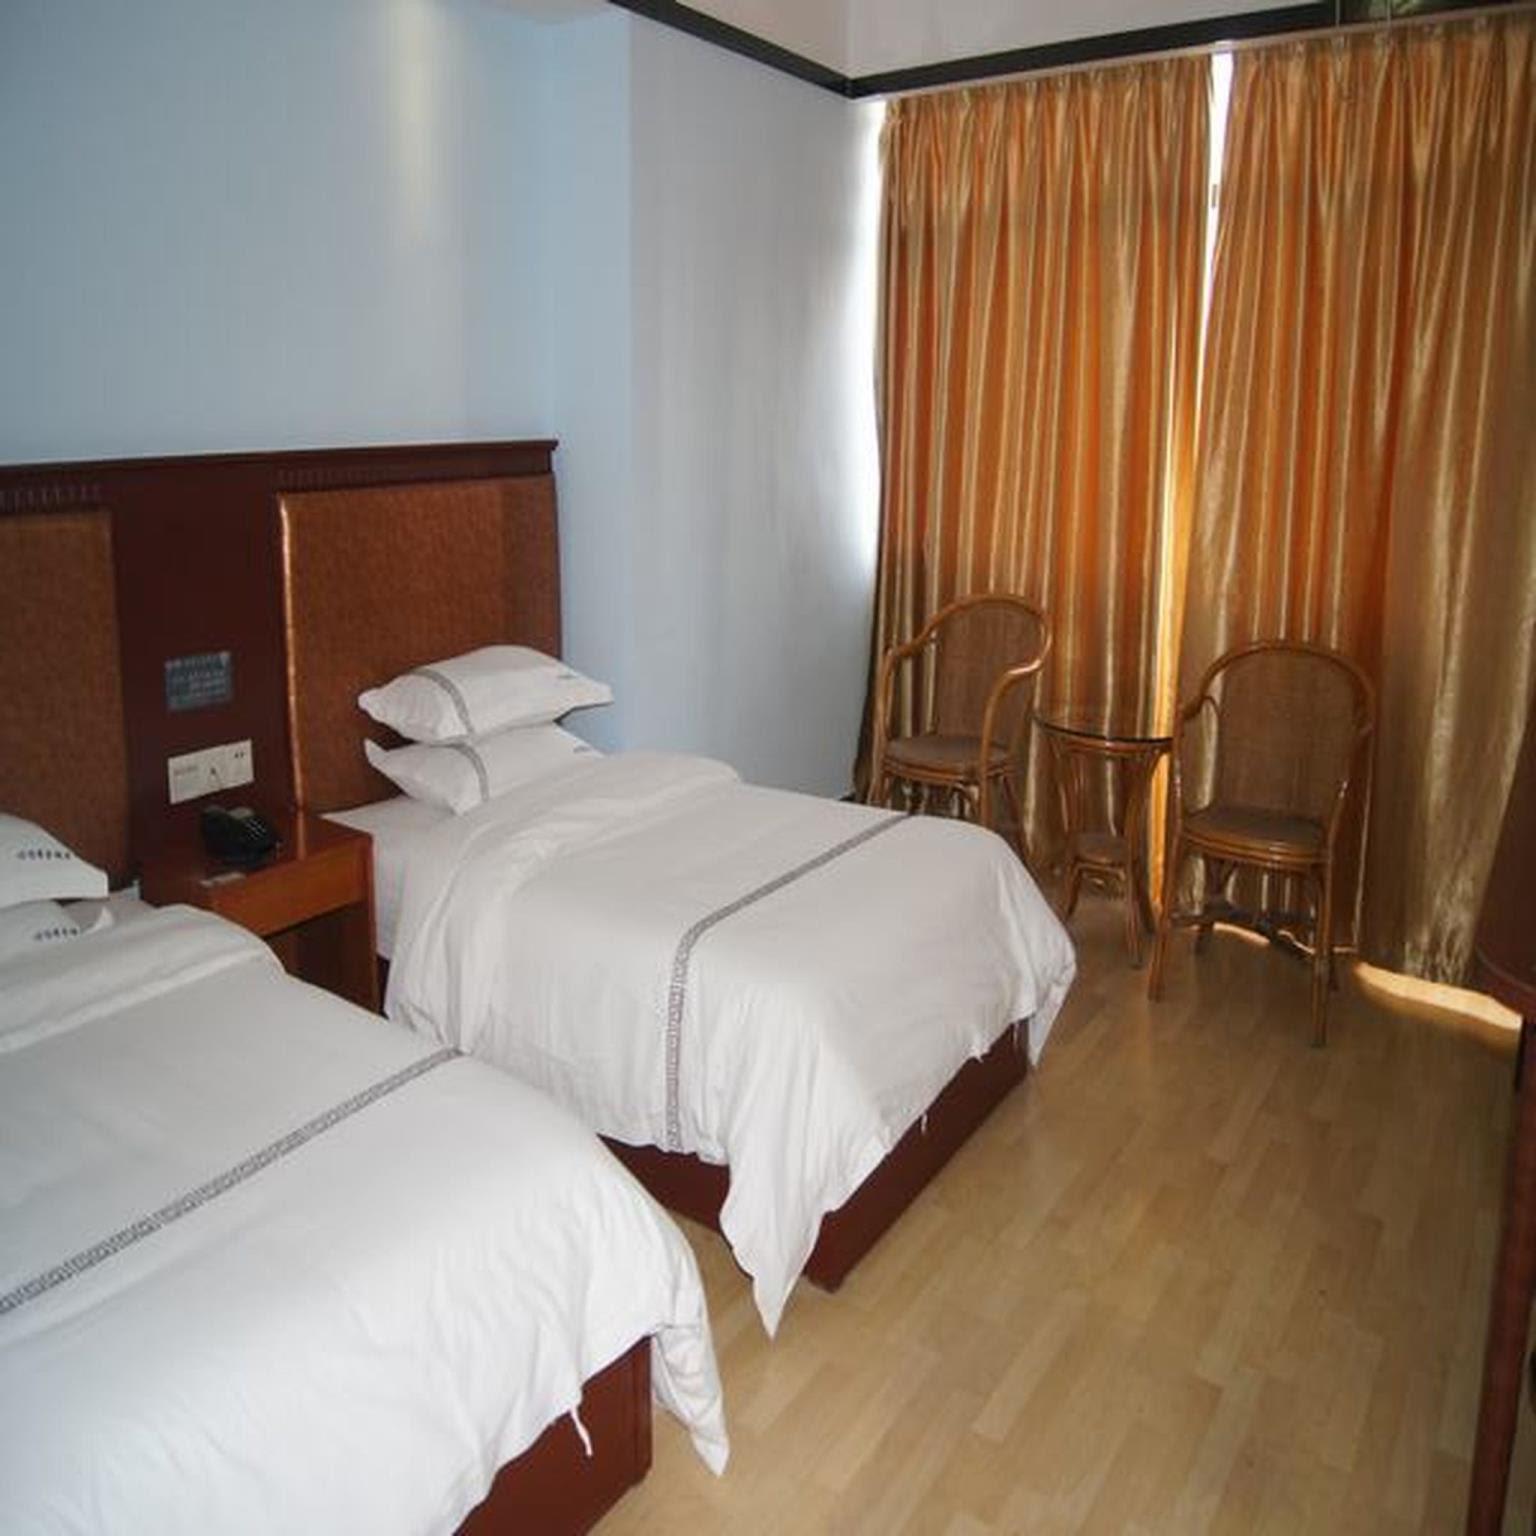 Review Yimi Hotel Zengcheng Xintang Sun City Store